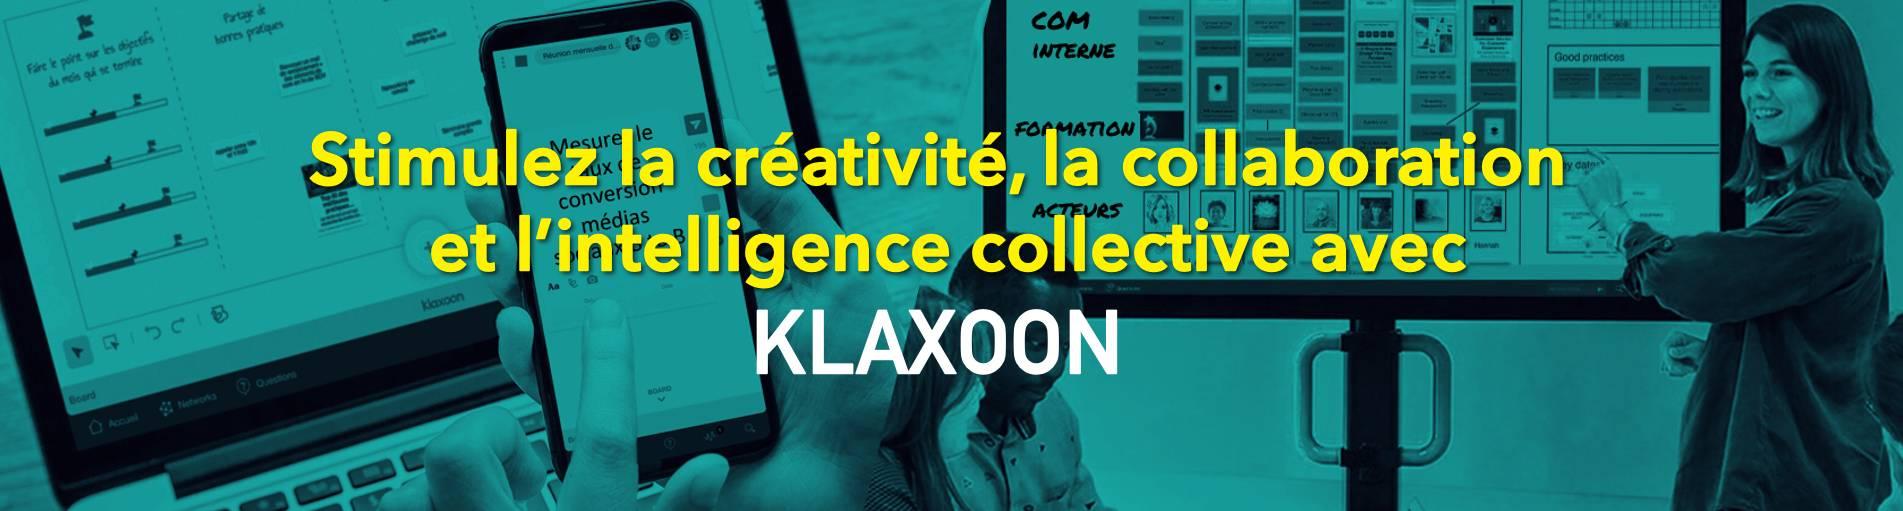 formation klaxoon campus place de la communication